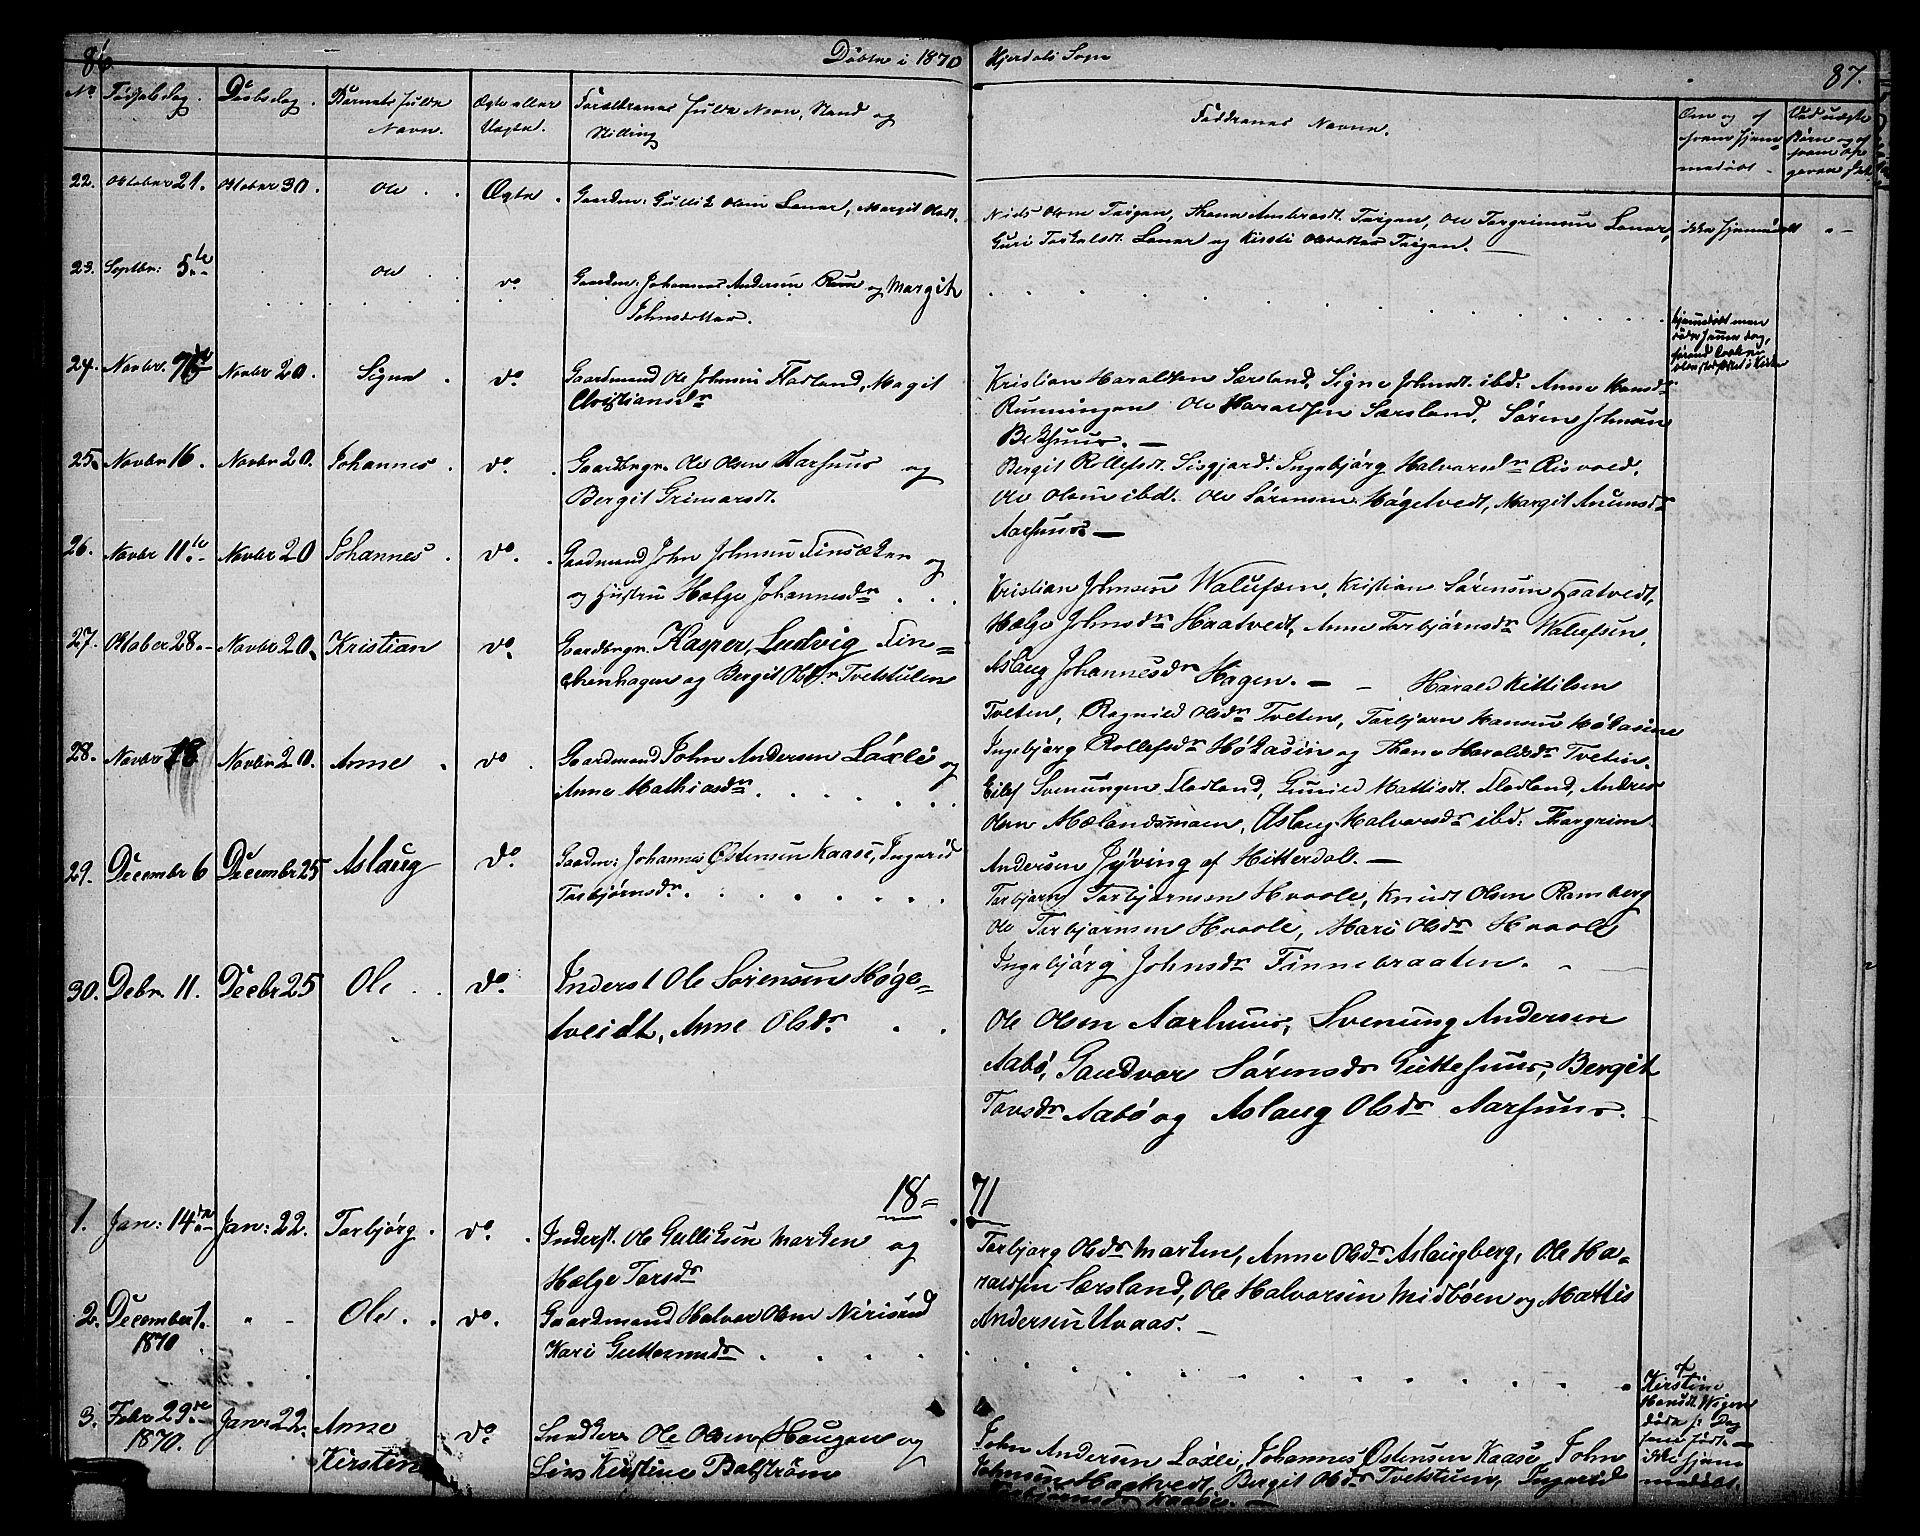 SAKO, Hjartdal kirkebøker, G/Ga/L0002: Klokkerbok nr. I 2, 1854-1888, s. 86-87